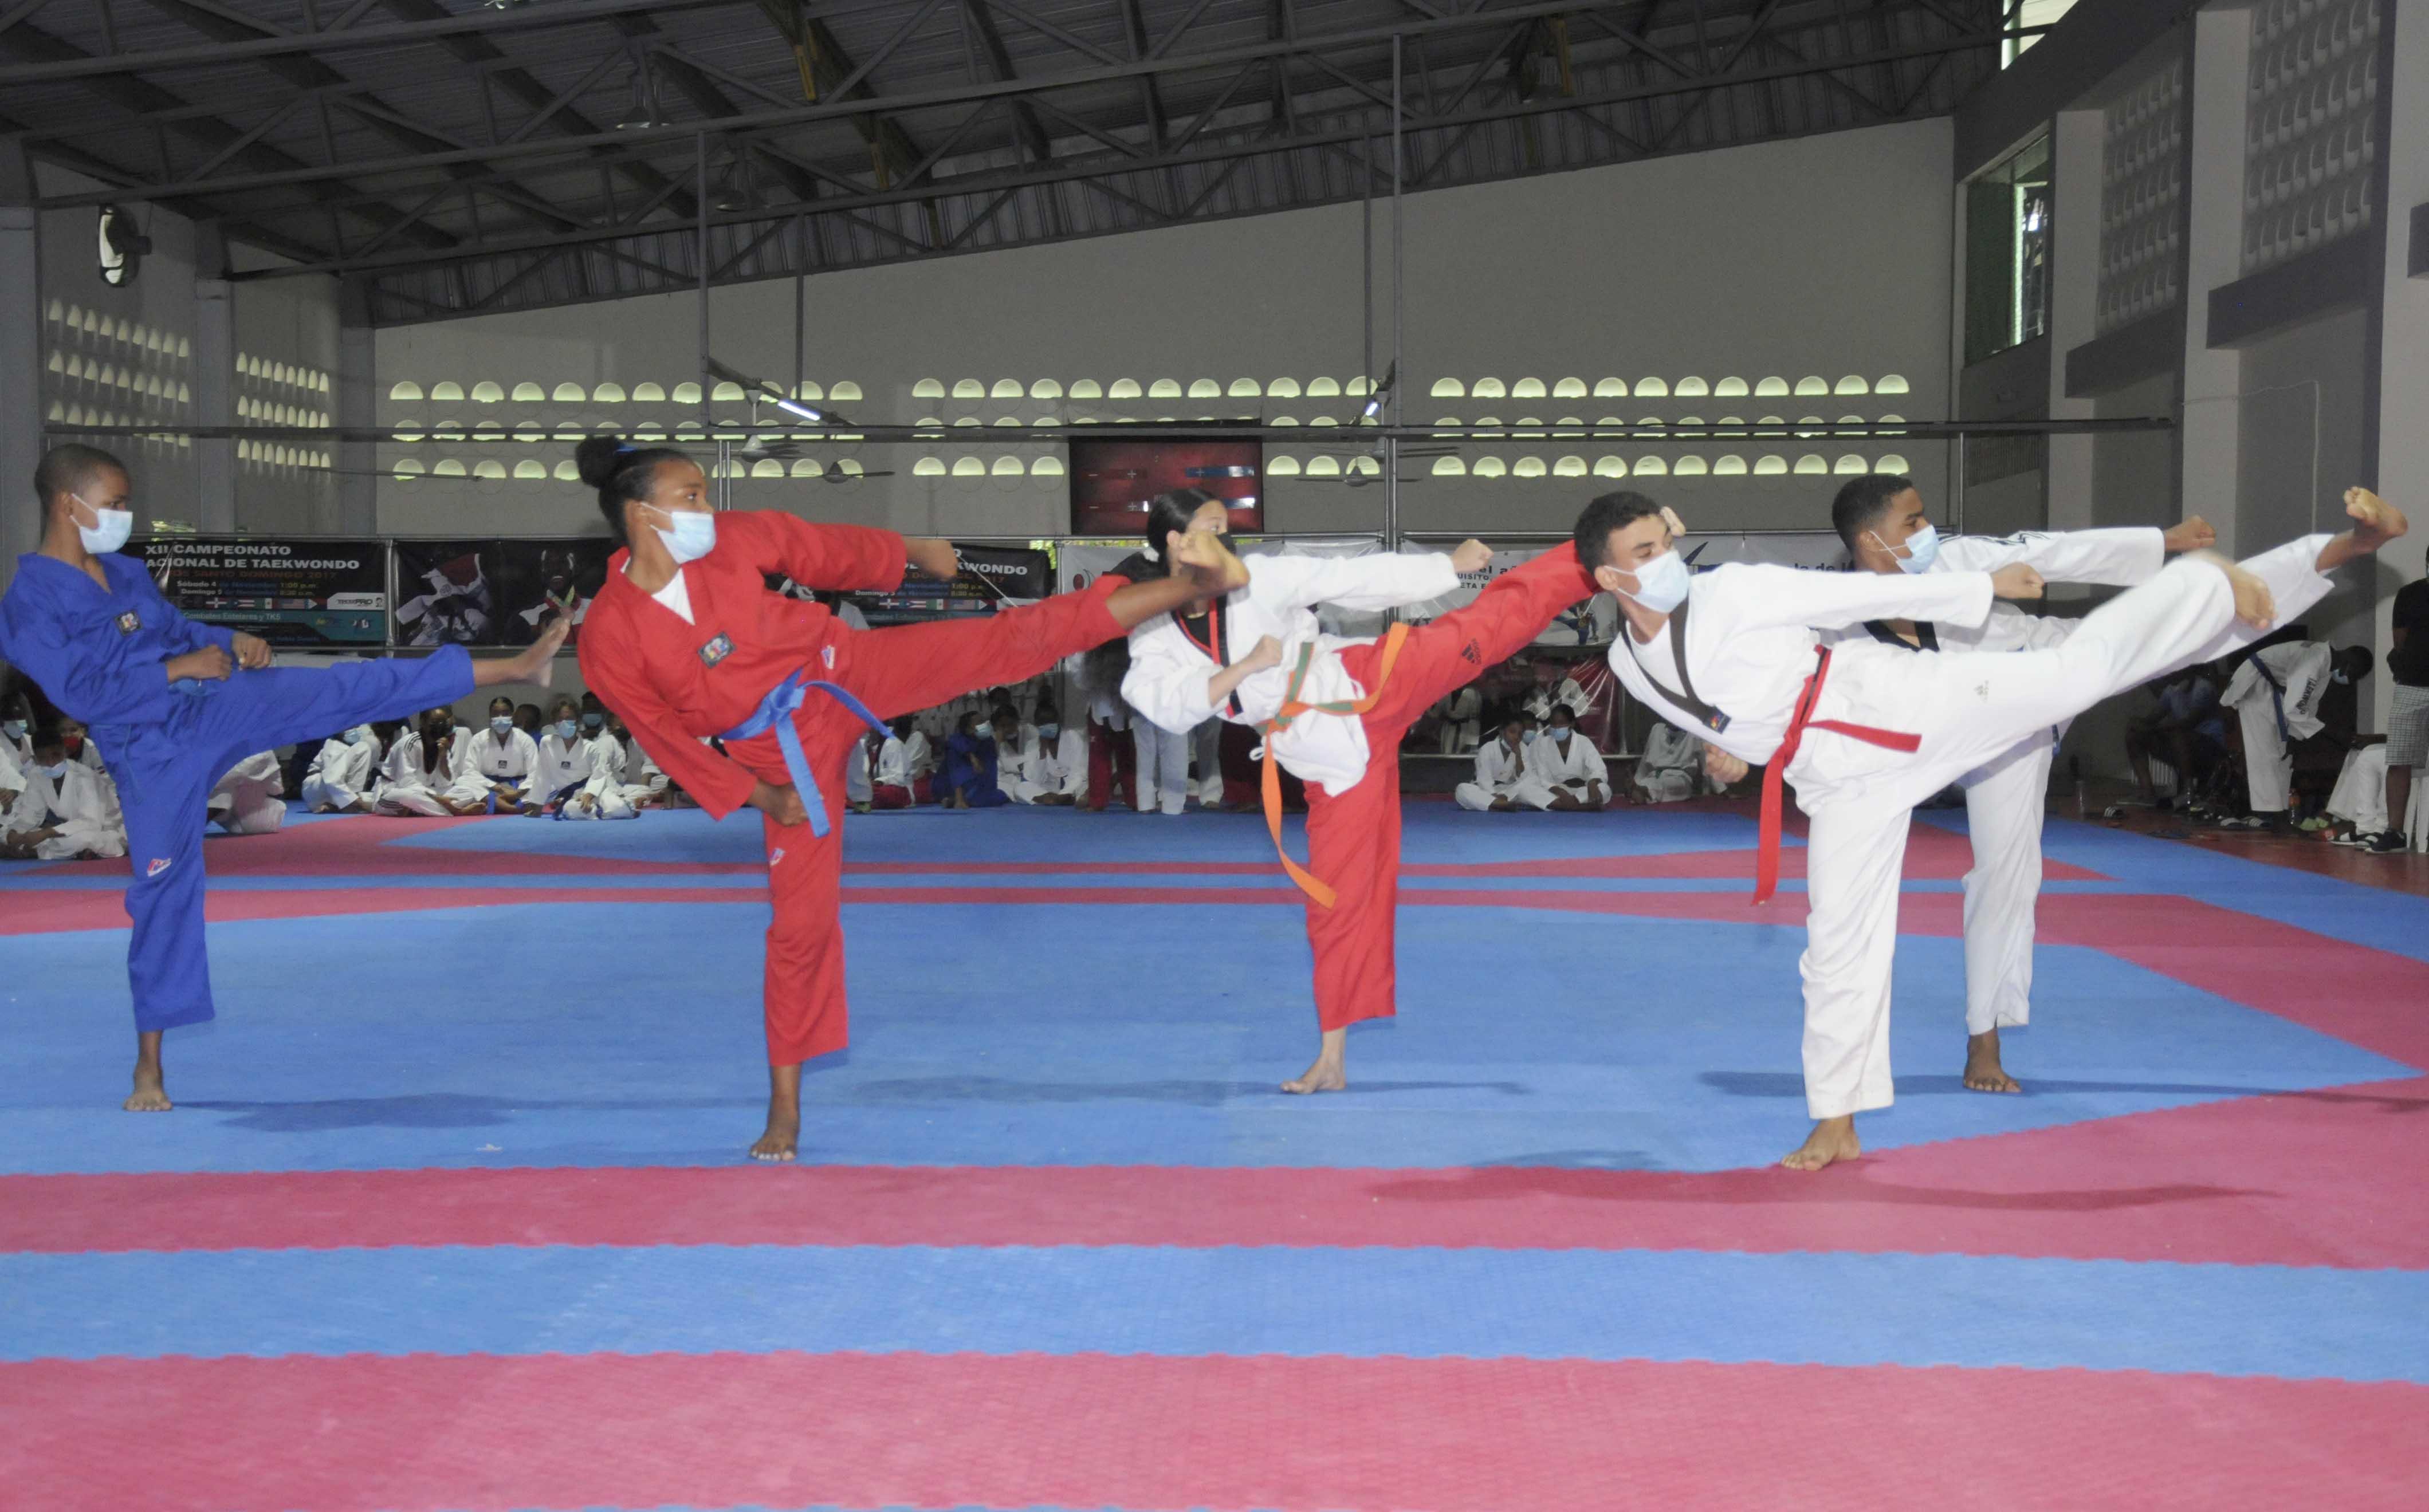 Federación de Taekwondo impulsa modalidad de poomsae; conforman preselecciones